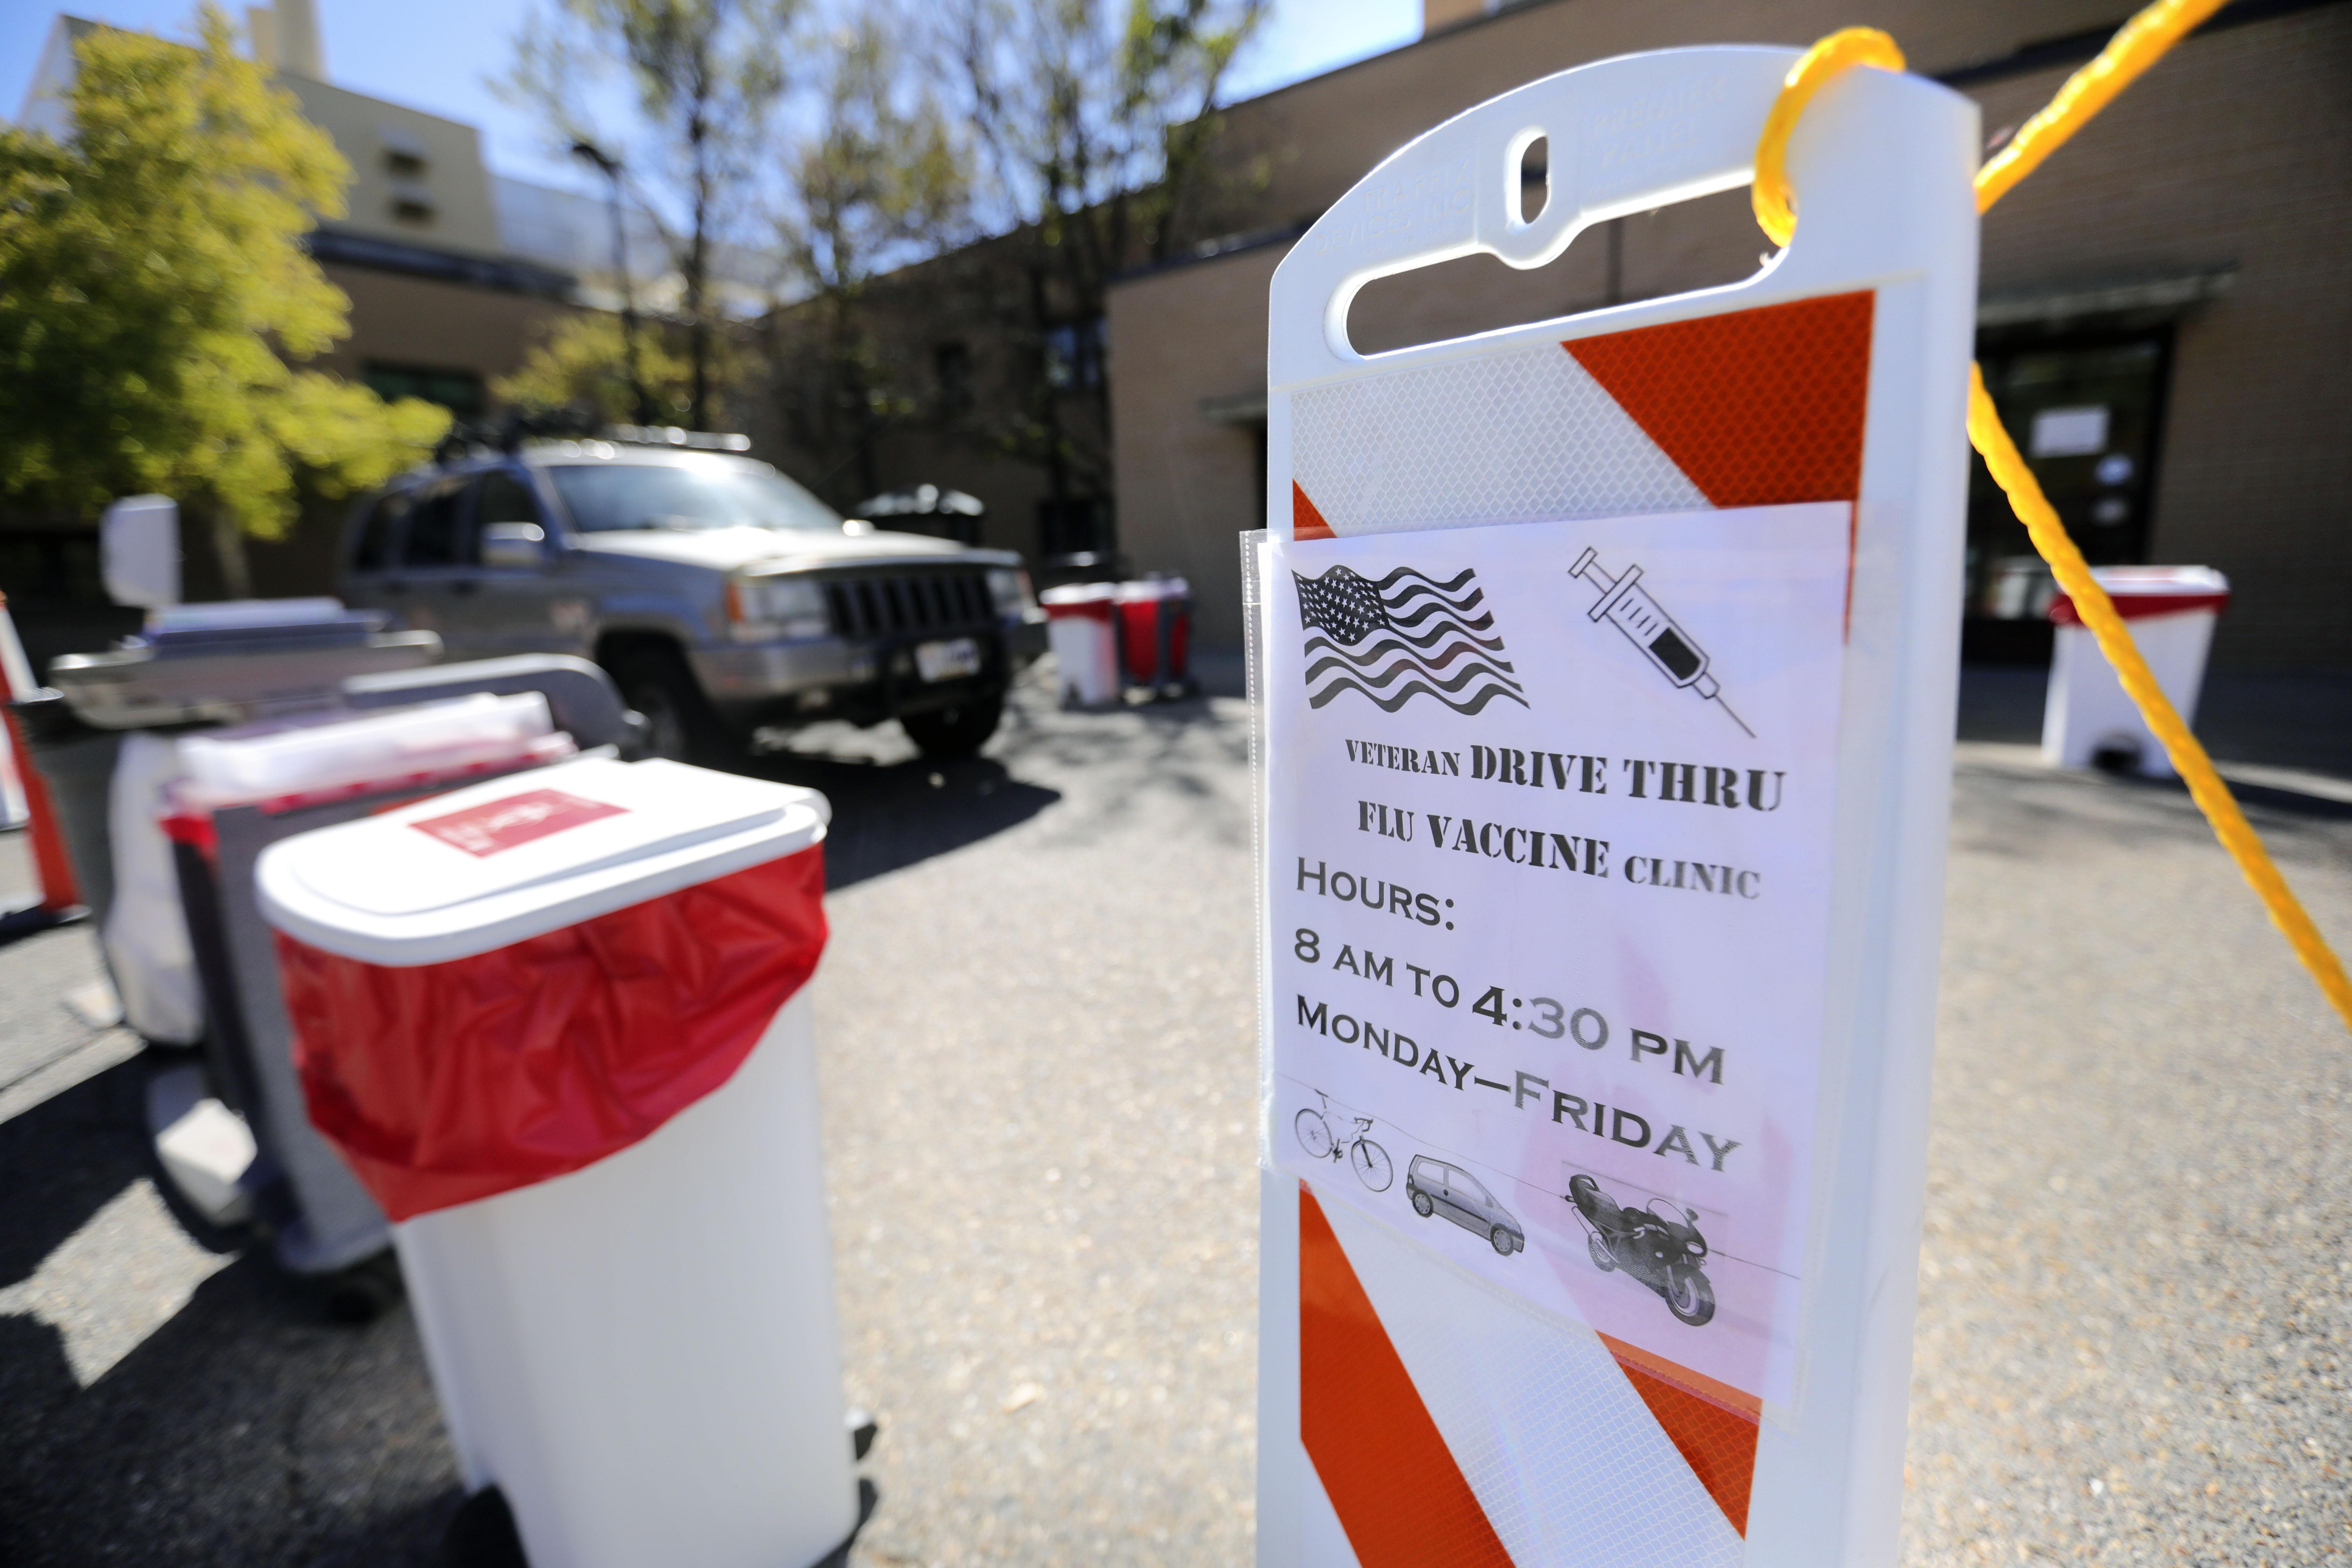 A veteran arrives at a drive-thru flu vaccine clinic.